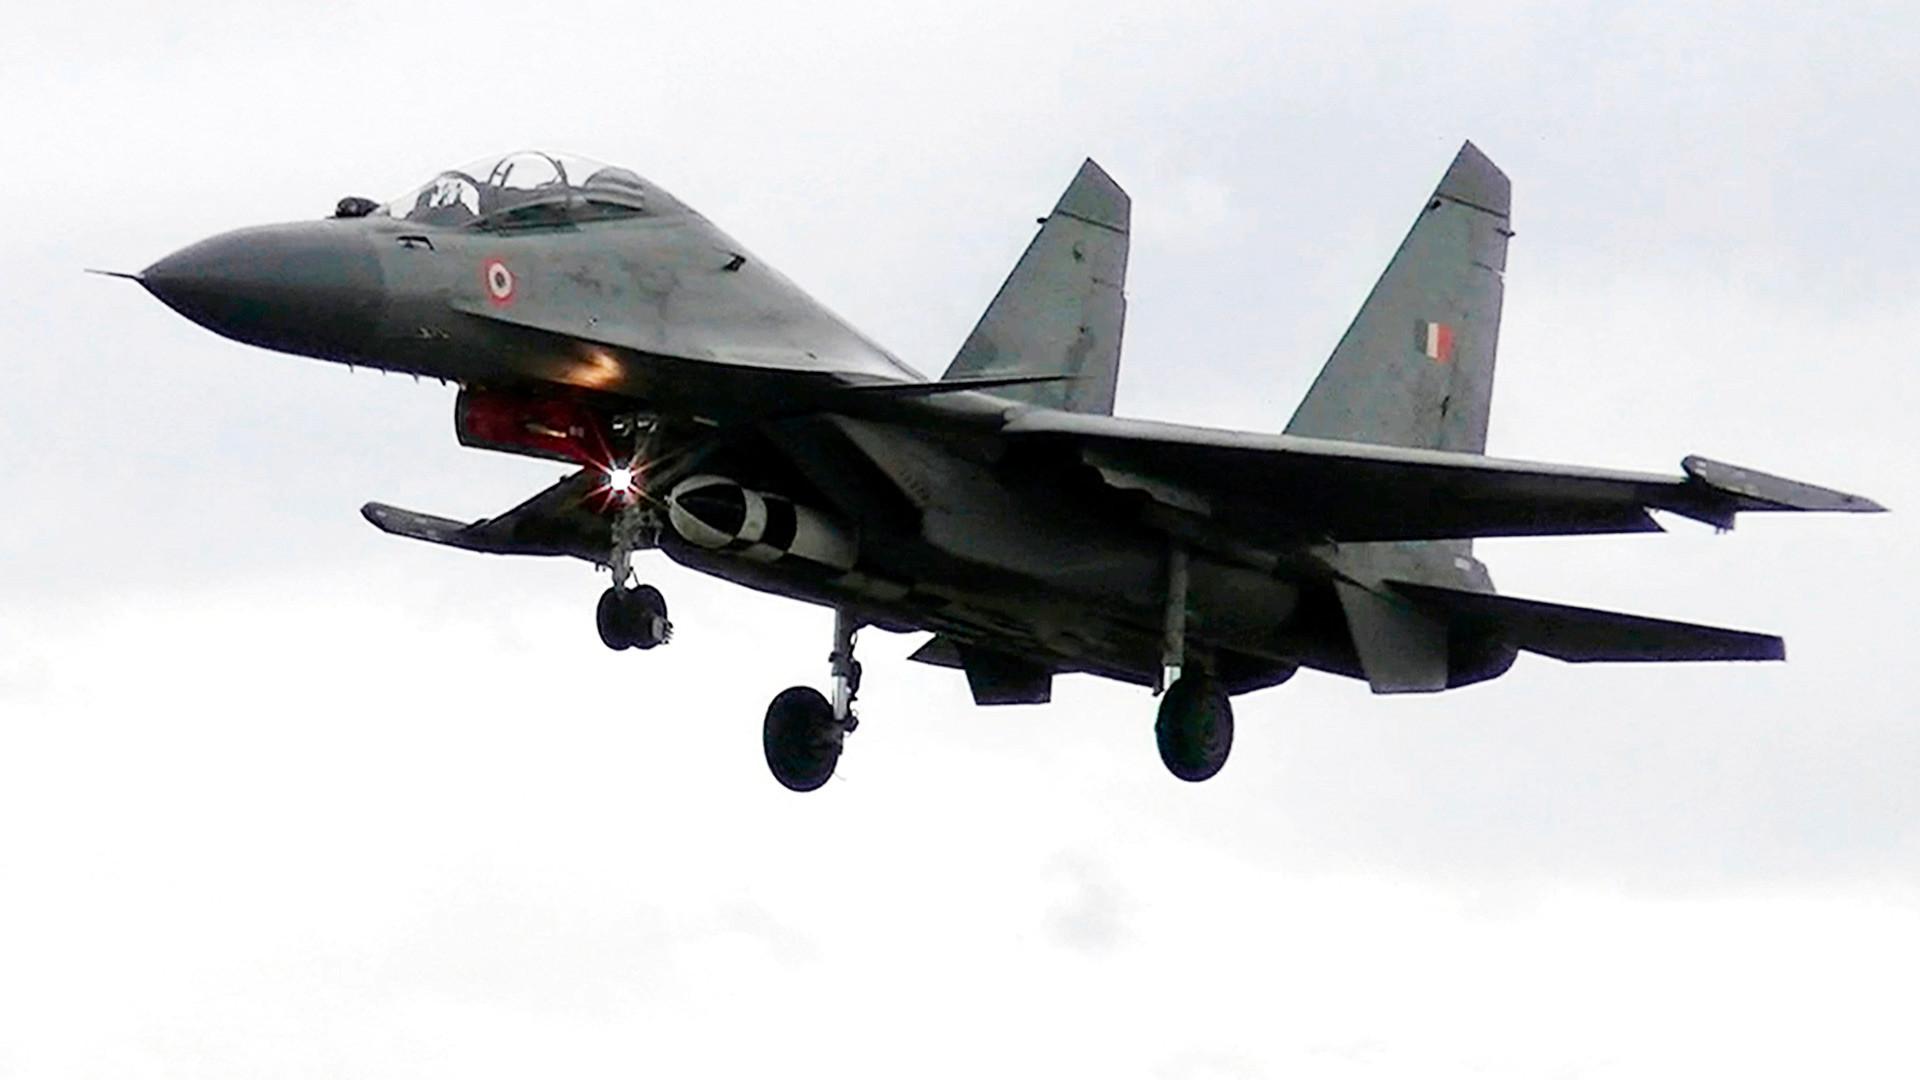 Ovu fotografiju je objavilo indijsko ratno zrakoplovstvo 22. svibnja 2019. godine. Napravljena je 2017. godine na nepoznatoj lokaciji. Lovac Su-30MKI